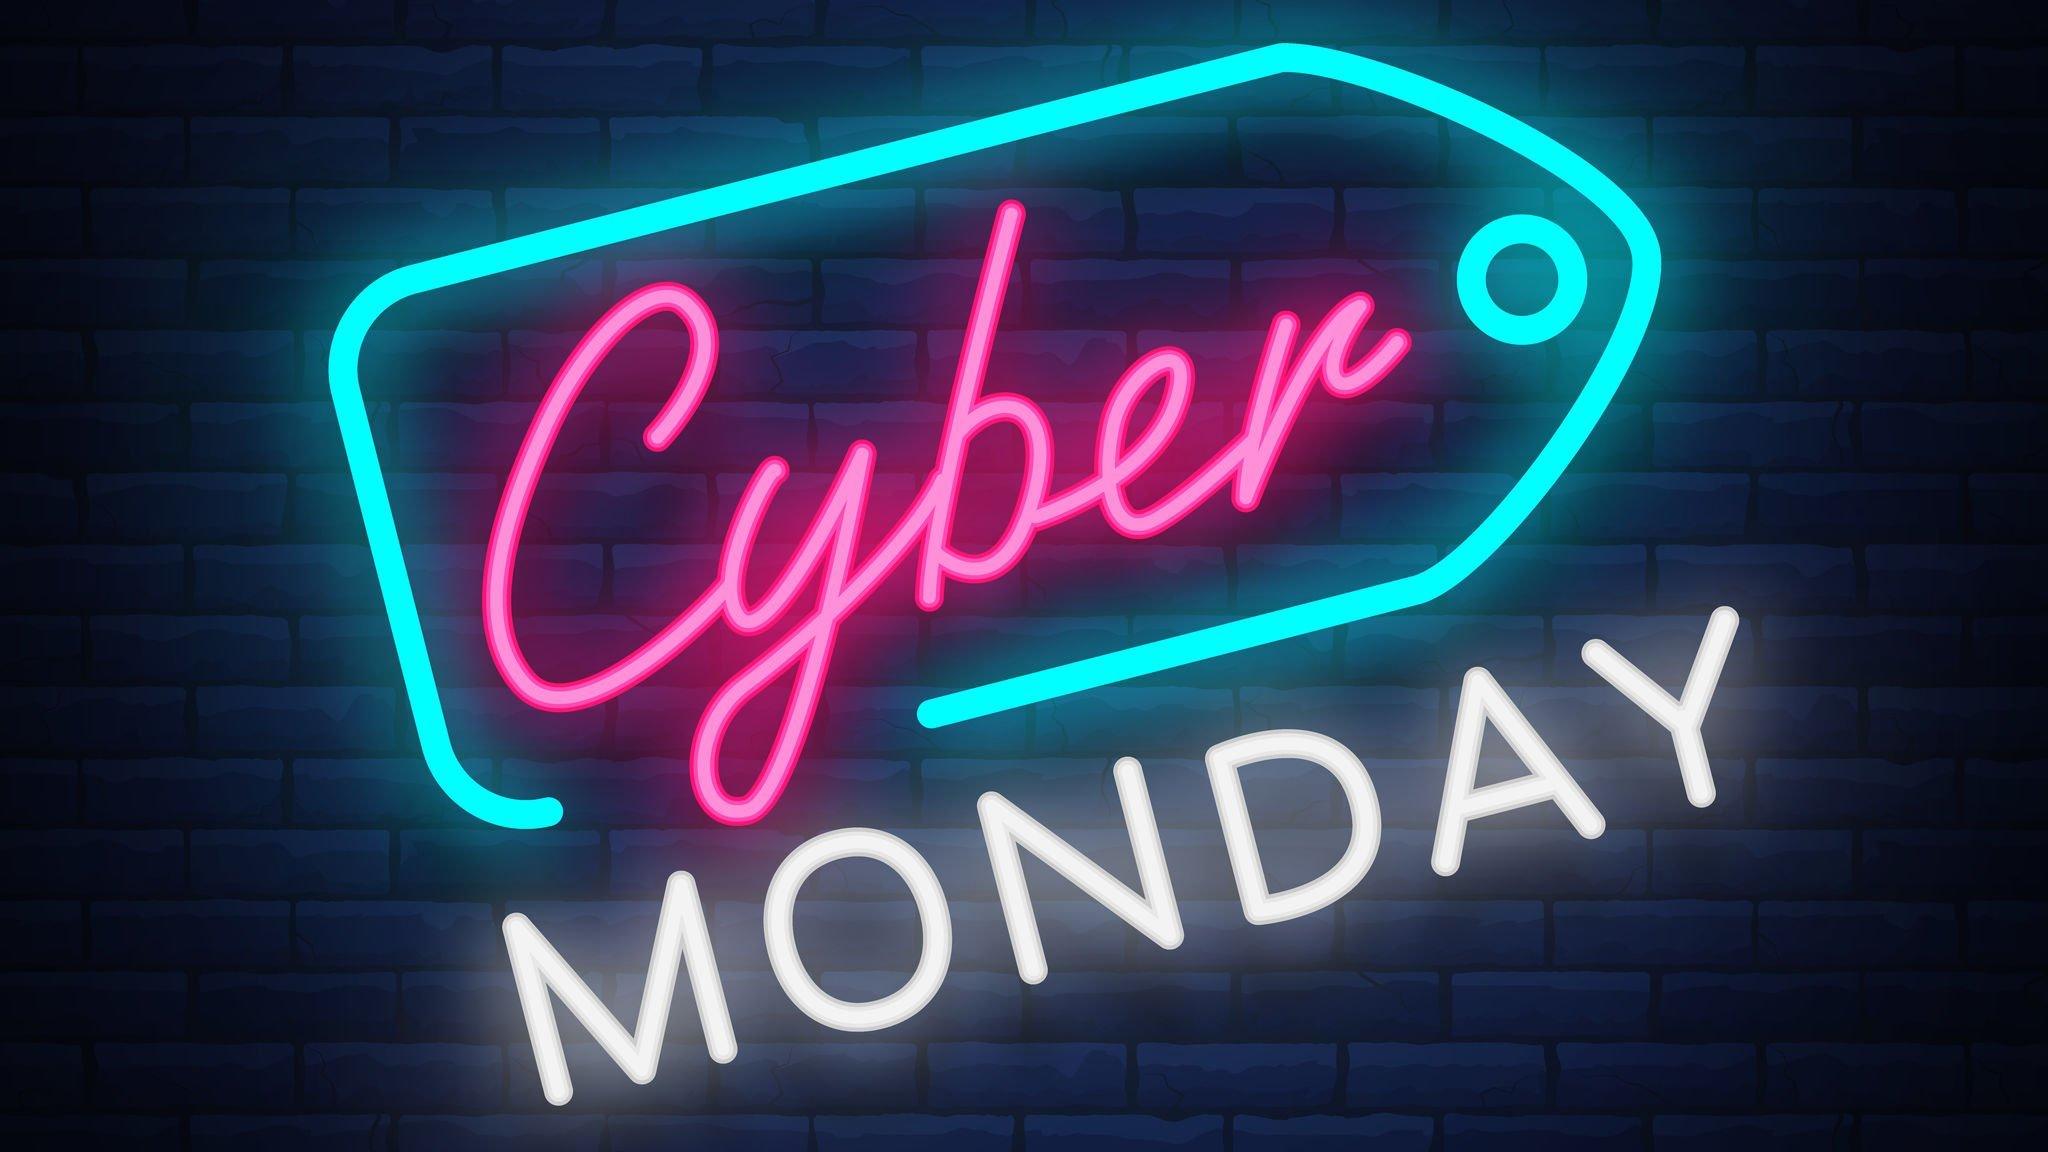 Cyber Monday escrito em luzes neon.